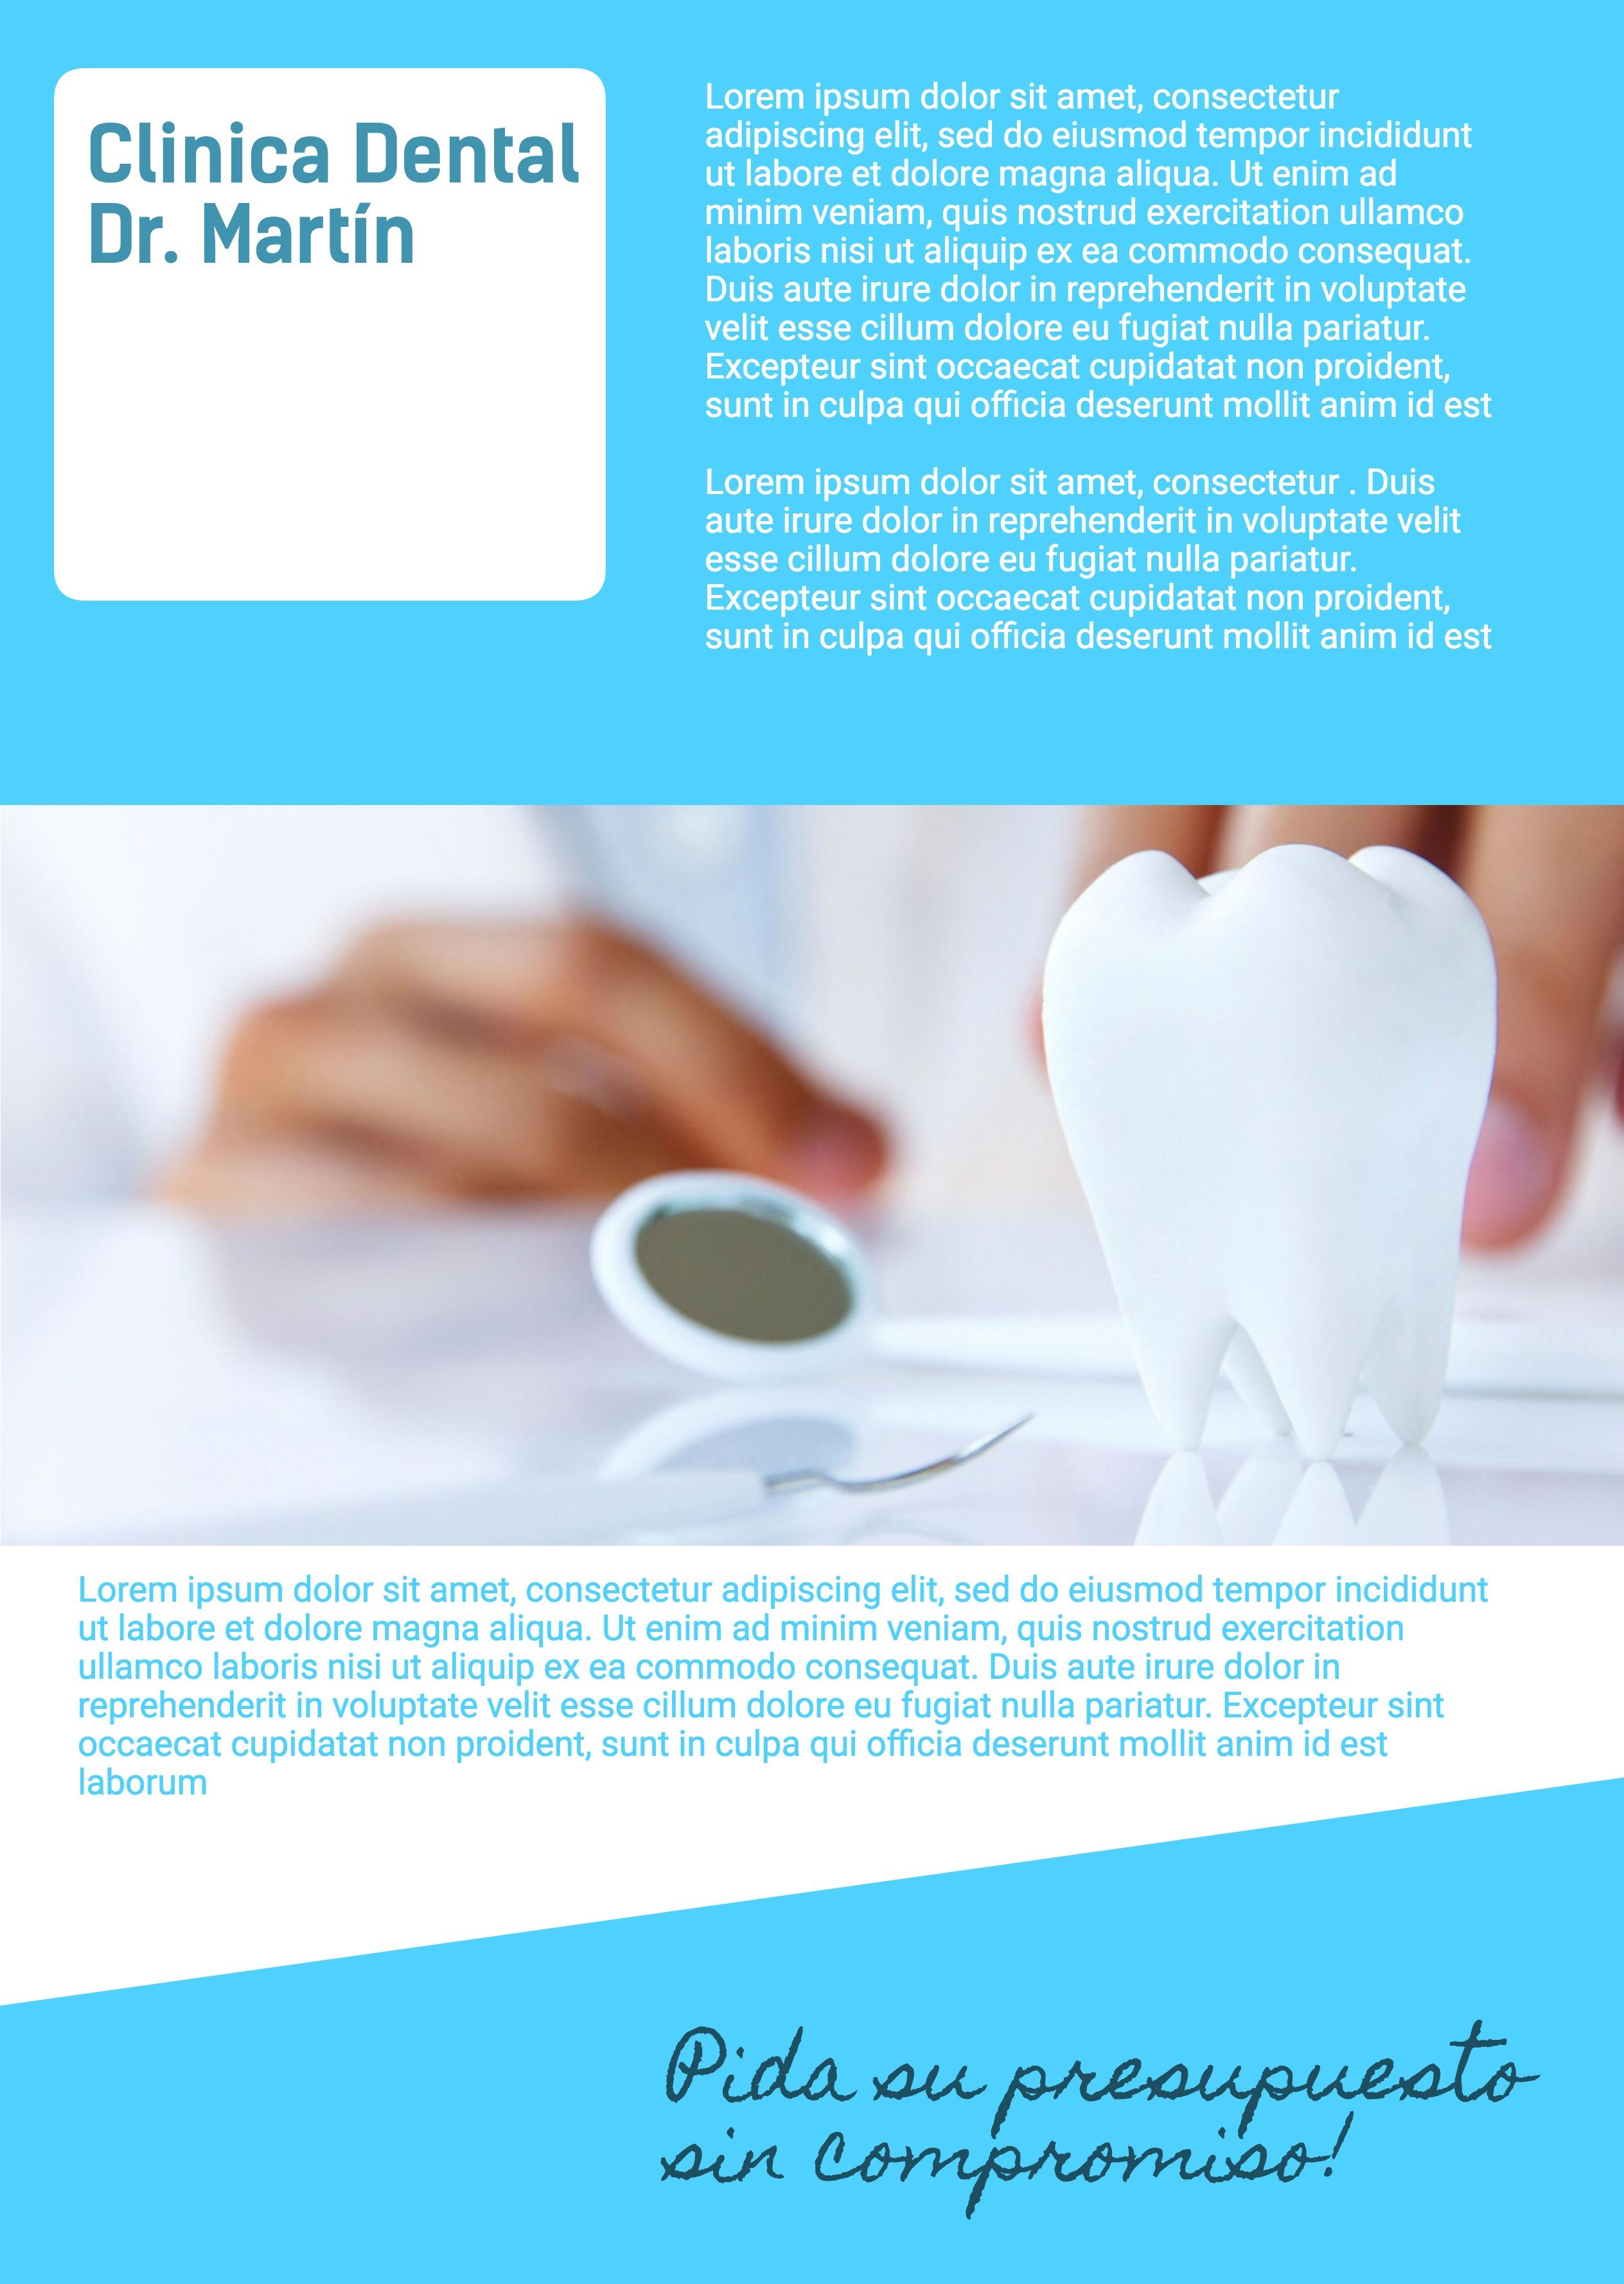 Flyer A4-21x29,7 cm vertical Clinica dental